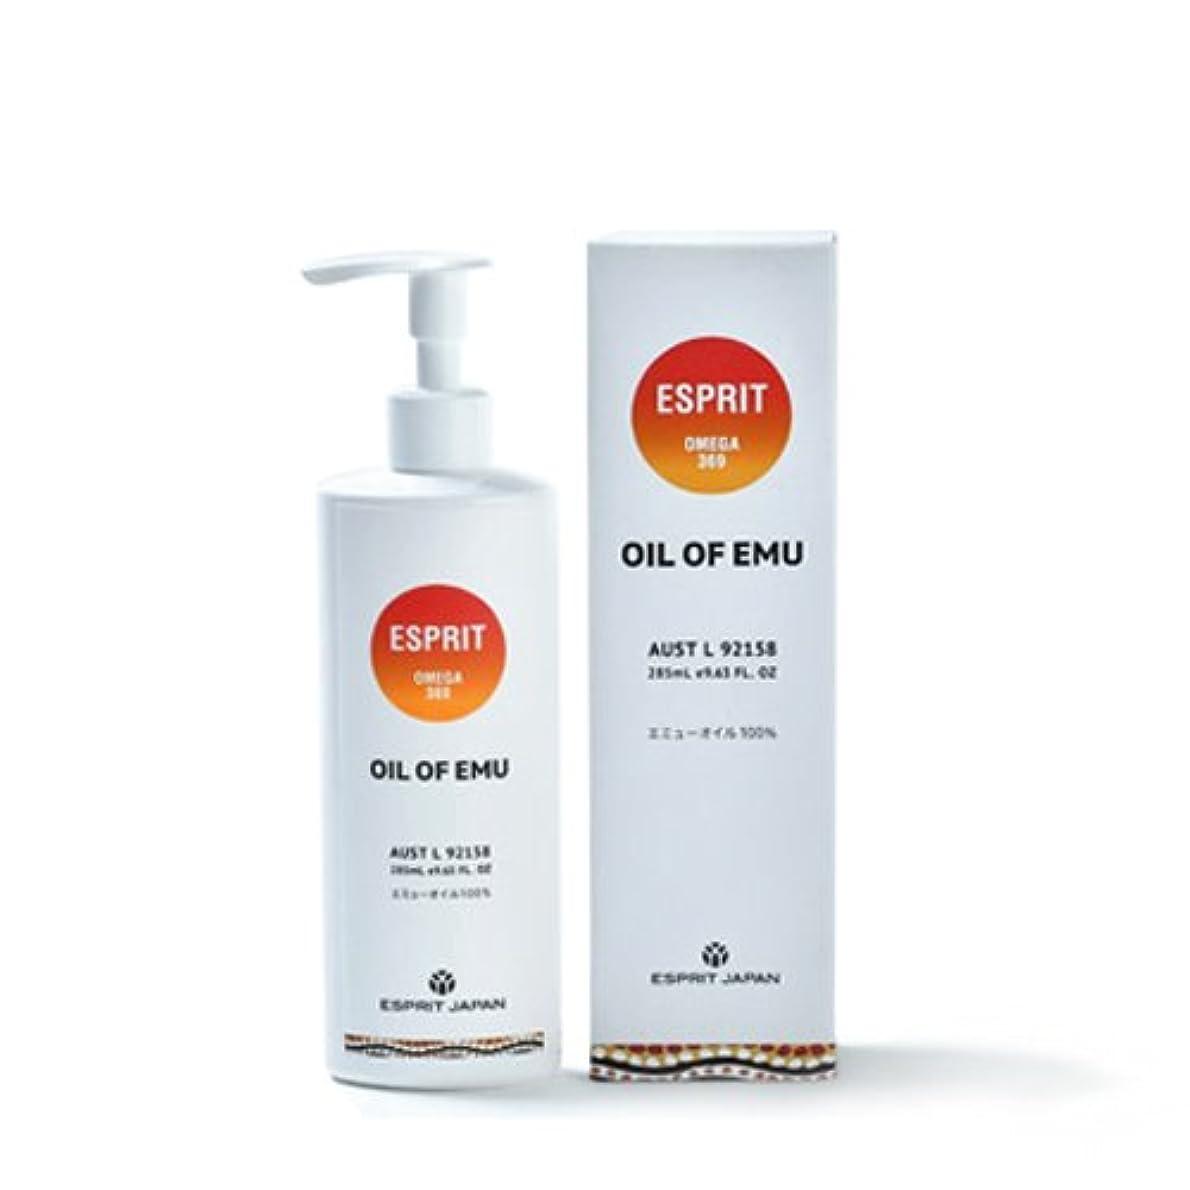 非アクティブ旅マーキング【OIL OF EMU】【285ml】【エミューマッサージオイル】【エミューオイル】EMU SPIRIT製 オイル?オブ?エミュー 285ml OIL of EMU (エミューオイル 100%) Sサイズ